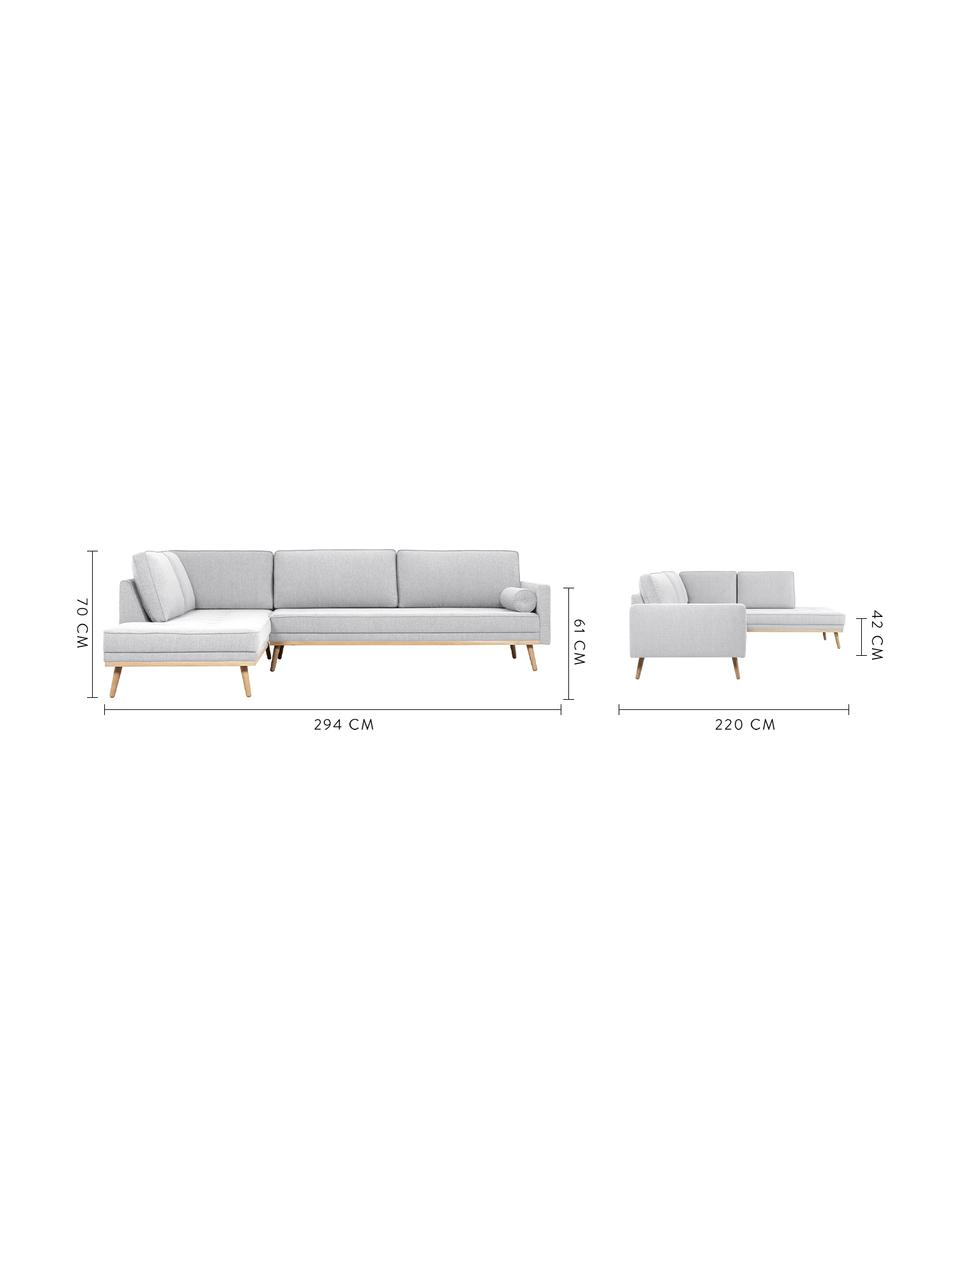 Sofa narożna  z nogami z drewna dębowego Saint (4-osobowa), Tapicerka: poliester Dzięki tkaninie, Jasny szary, S 294 x W 70 cm